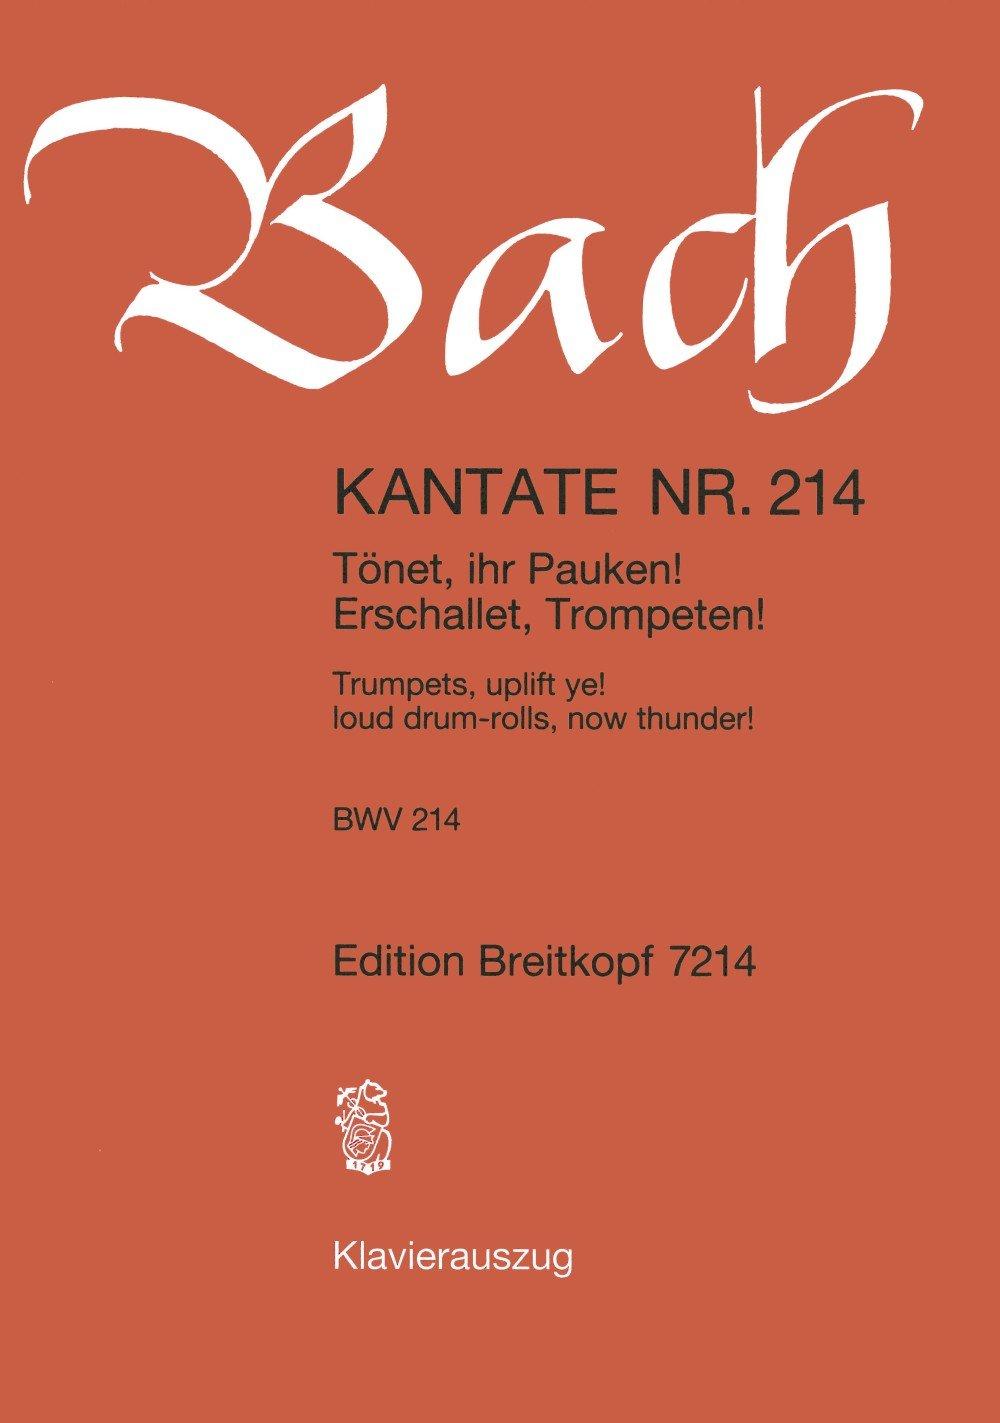 Cantata BWV 214 - Tönet, ihr Pauken! Erschallet, Trompeten! (Trumpets, uplift ye! loud drum-rolls, now thunder!) - Breitkopf Urtext - Dramma per ... score - German/English - (EB 7214)